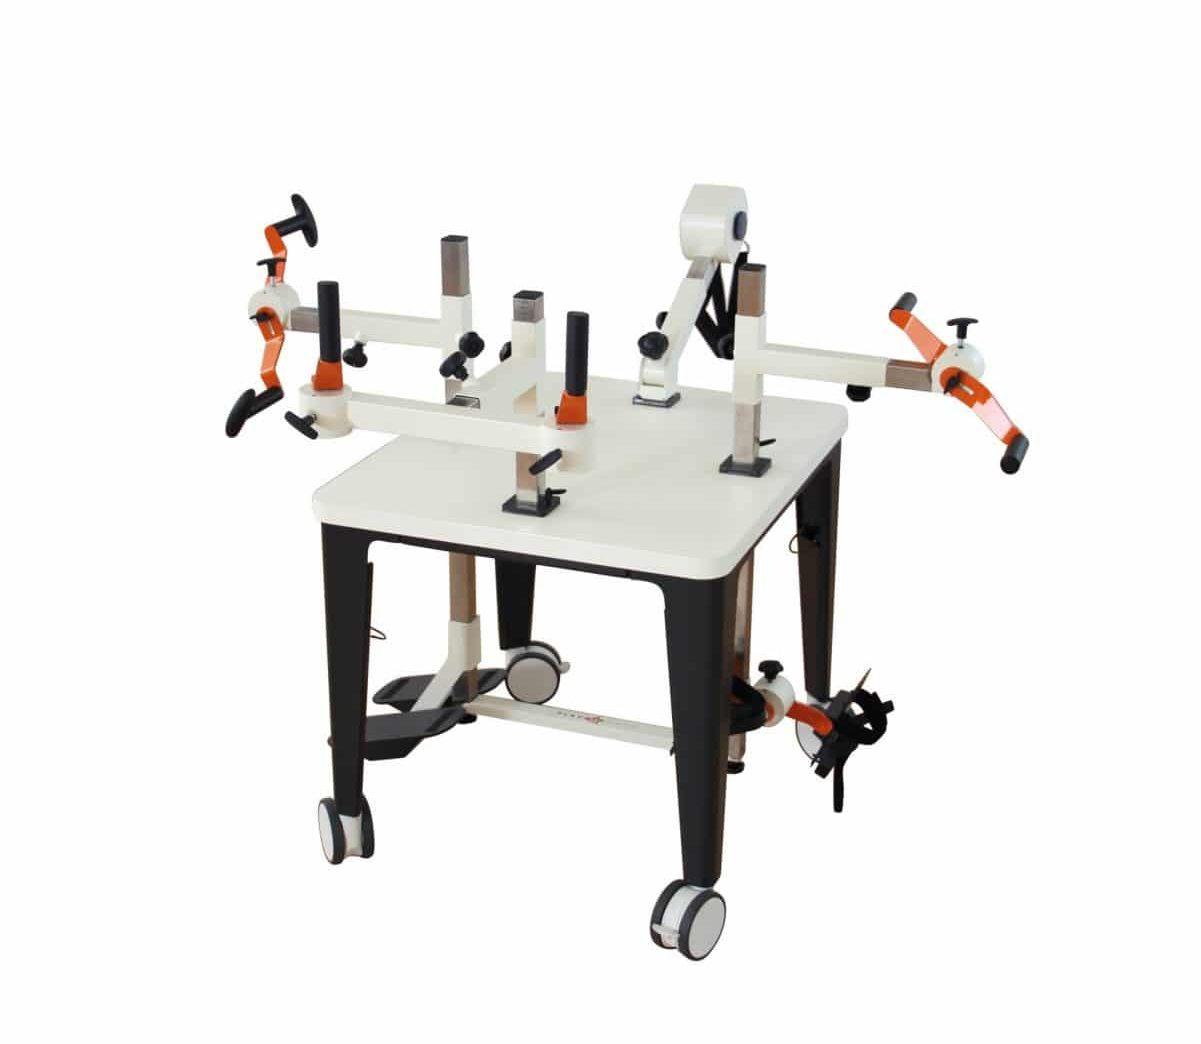 Produktfoto des kleinen Plaudertisch vor weißem Hintergrund